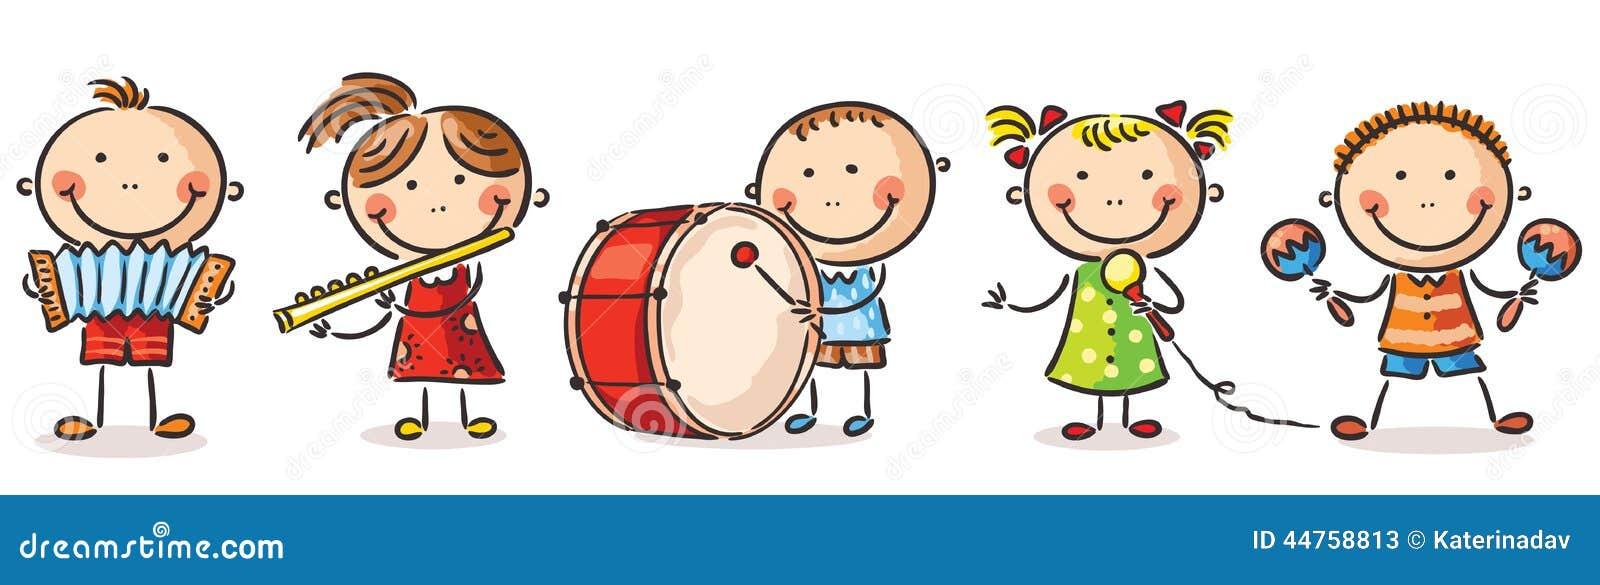 Barn som spelar olika musikinstrument